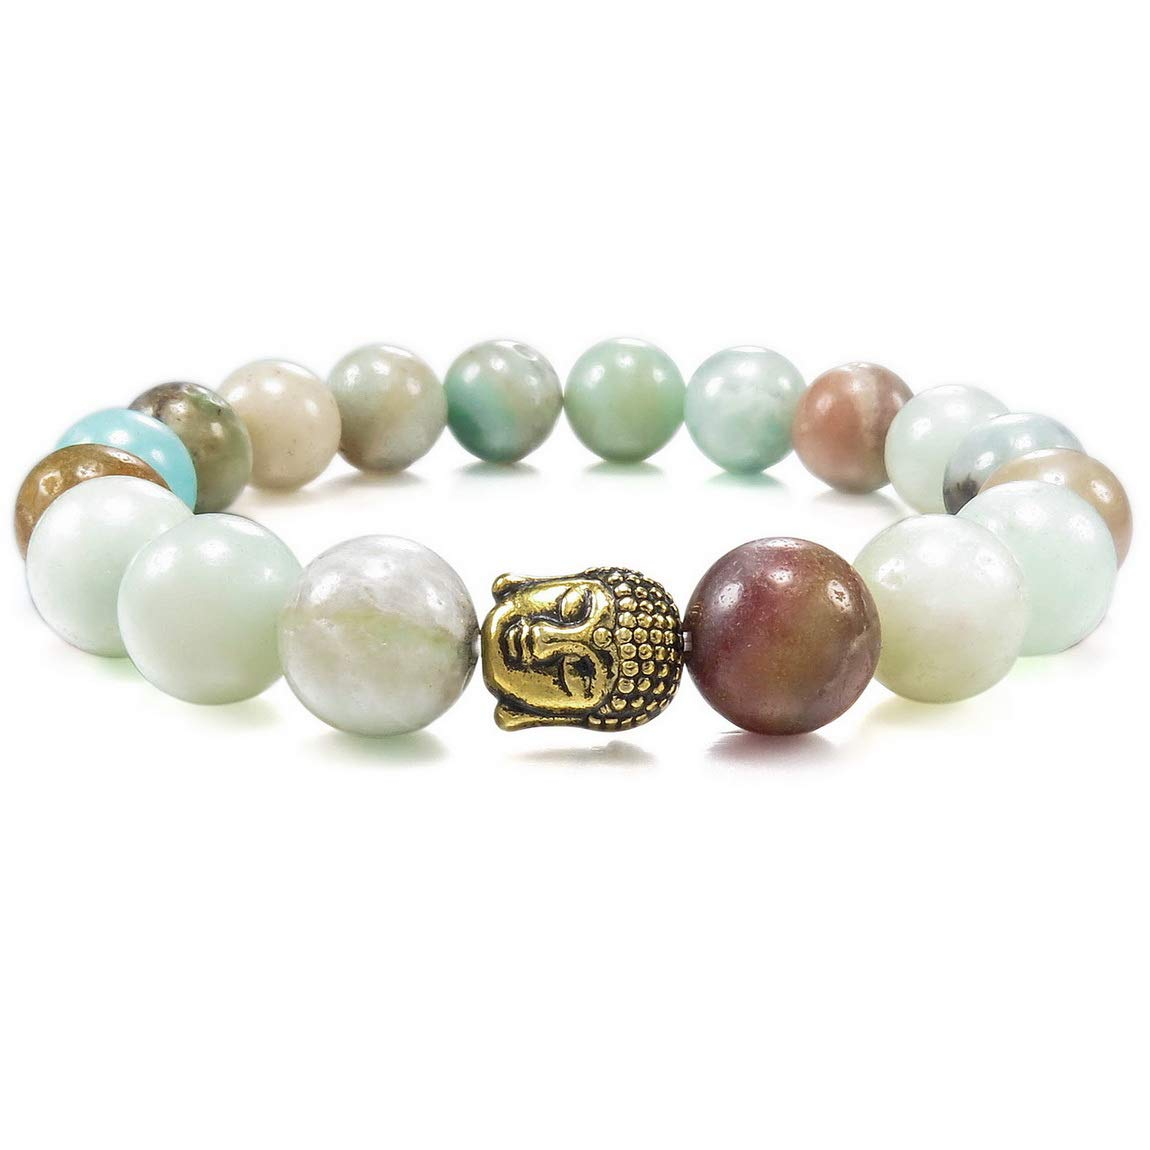 INBLUE Women,Men's 10mm Energy Bracelet Link Wrist Energy Stone Simulated Amazonite Gold Buddha Mala Bead Elastic